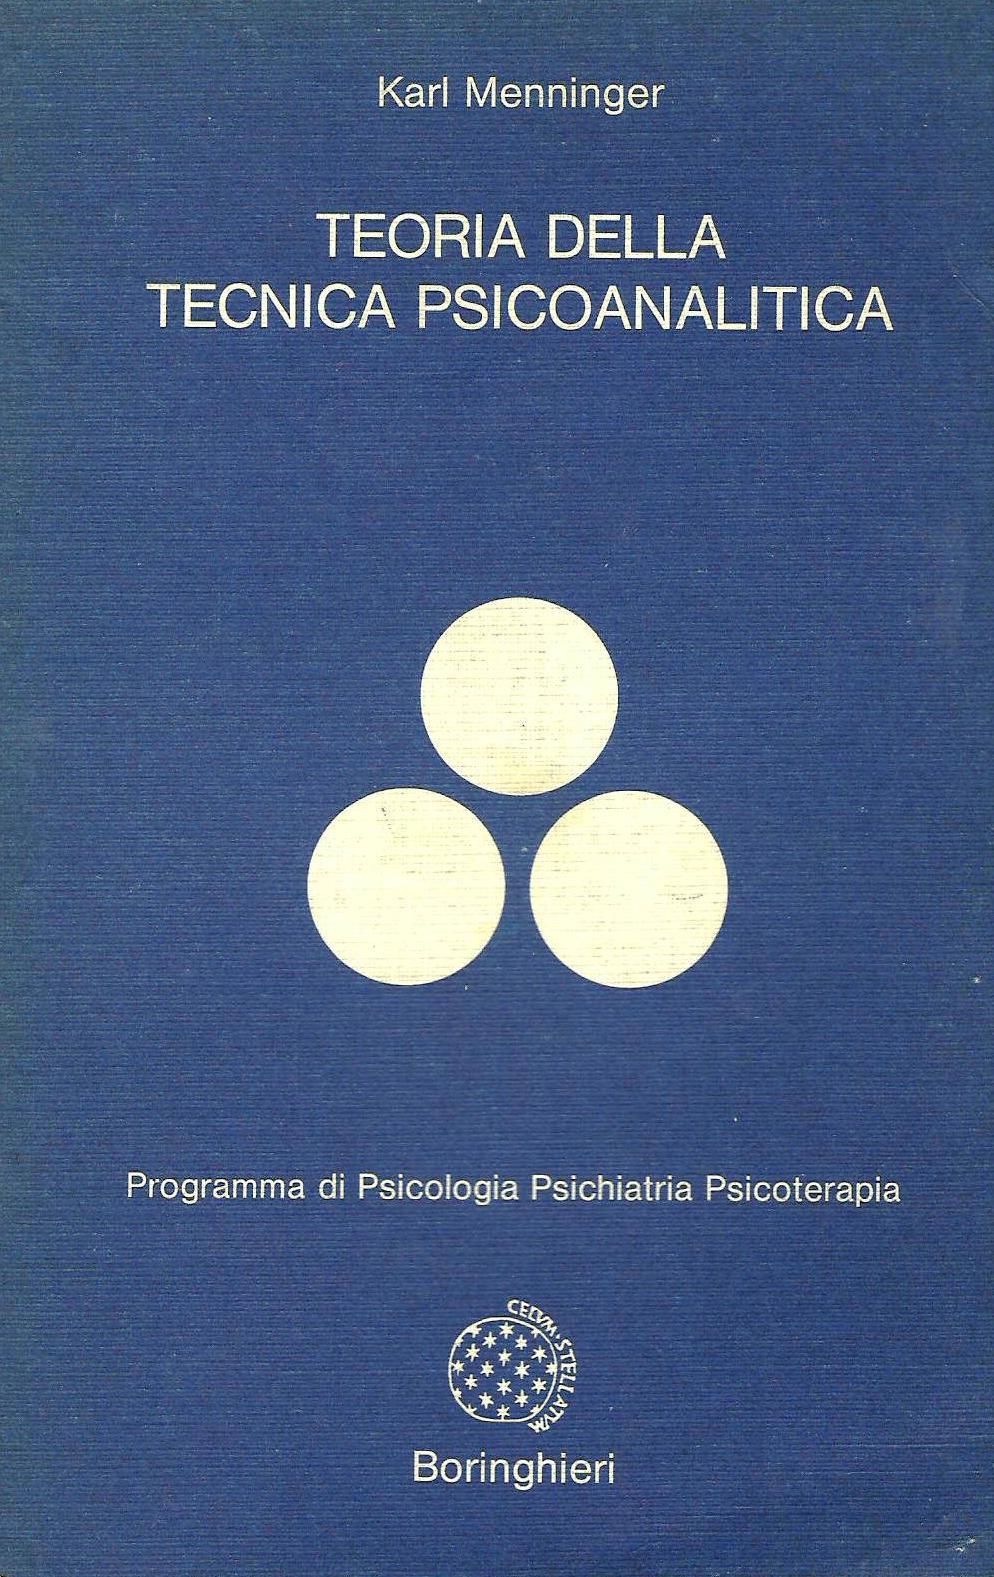 Teoria della tecnica psicoanalitica